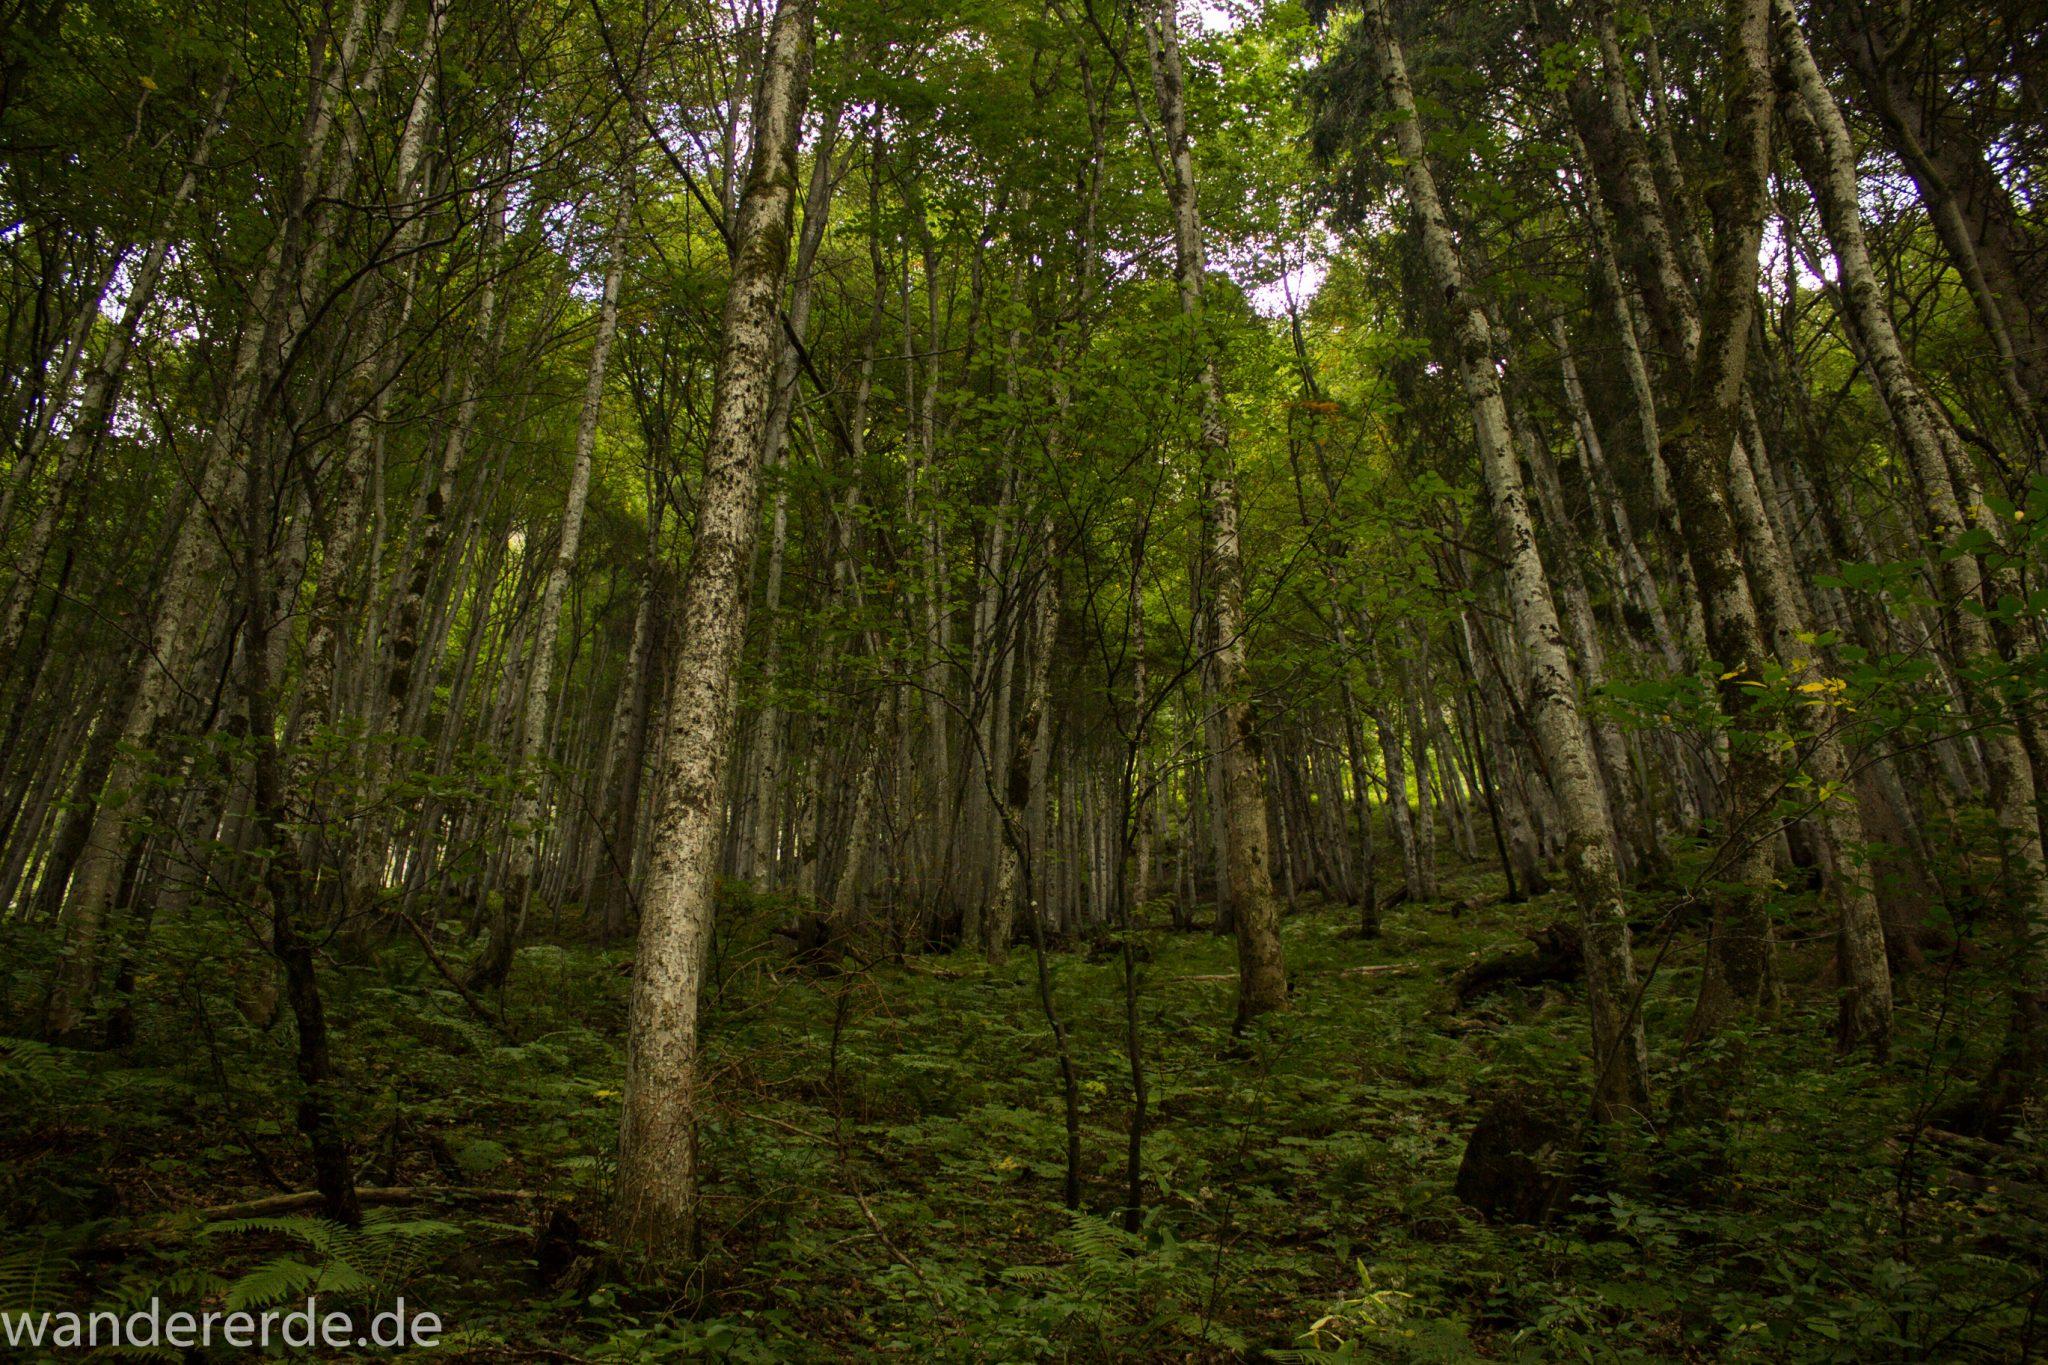 Alpenüberquerung Fernwanderweg E5 Oberstdorf Meran, 1. Etappe von Oberstdorf zur Kemptner Hütte, Wanderweg führt von der Spielmannsau bei Oberstdorf im Allgäu zur Kemptner Hütte  entlang eines schmalen Wanderpfads umgeben von saftig grüner Vegetation, schöner, dichter Wald